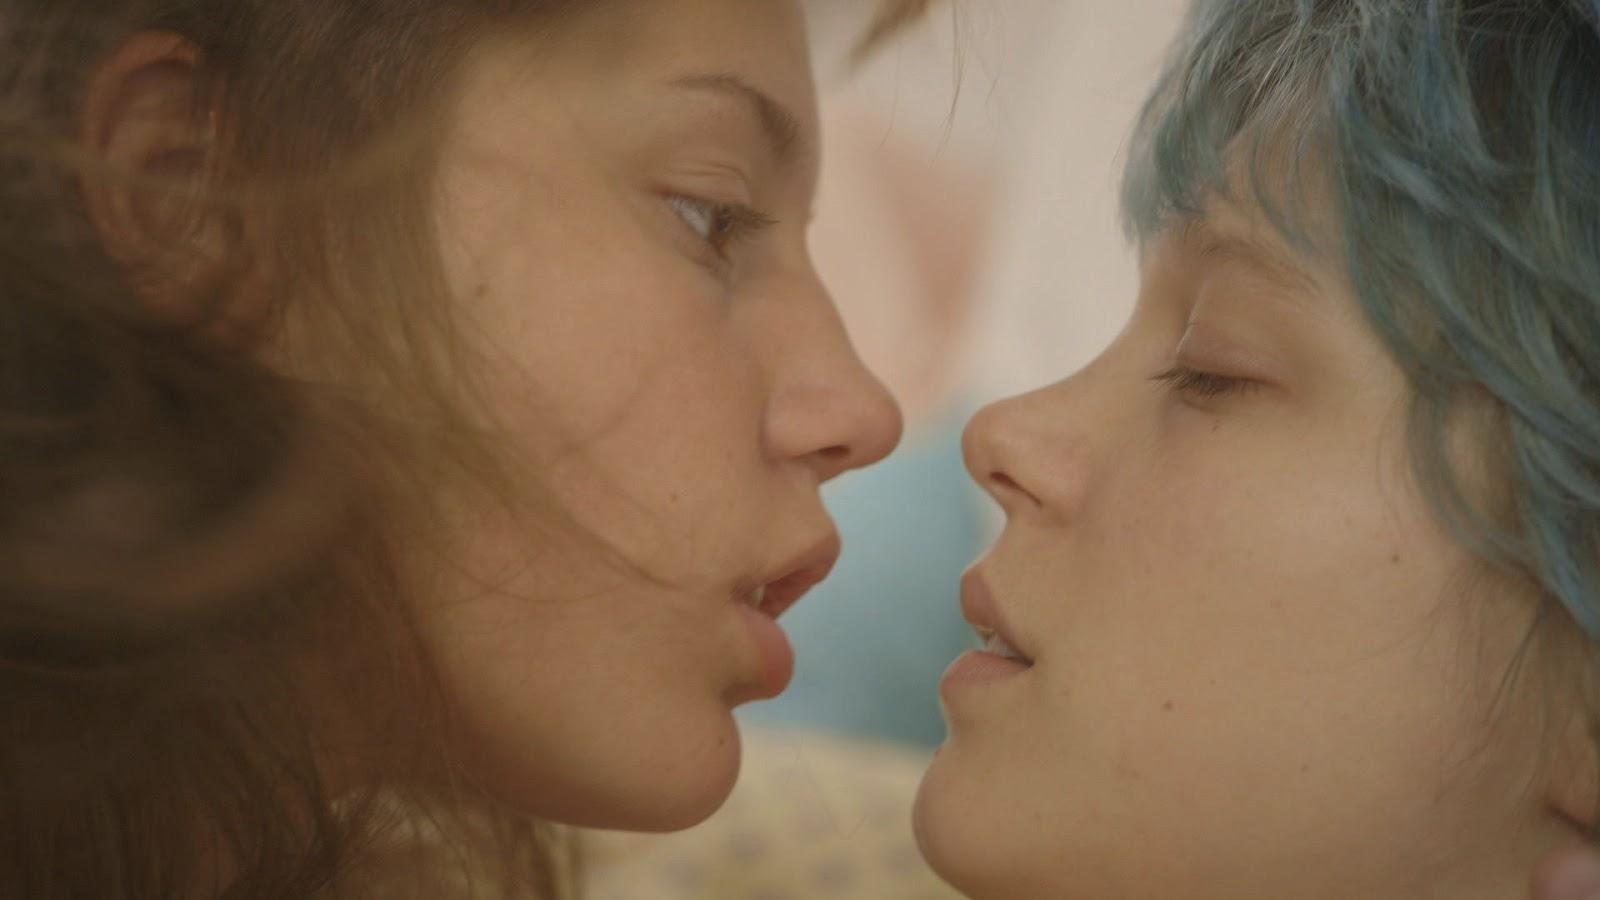 Nuovo cinema paraculo: la vita e le chiappe di Adèle - minima&moralia